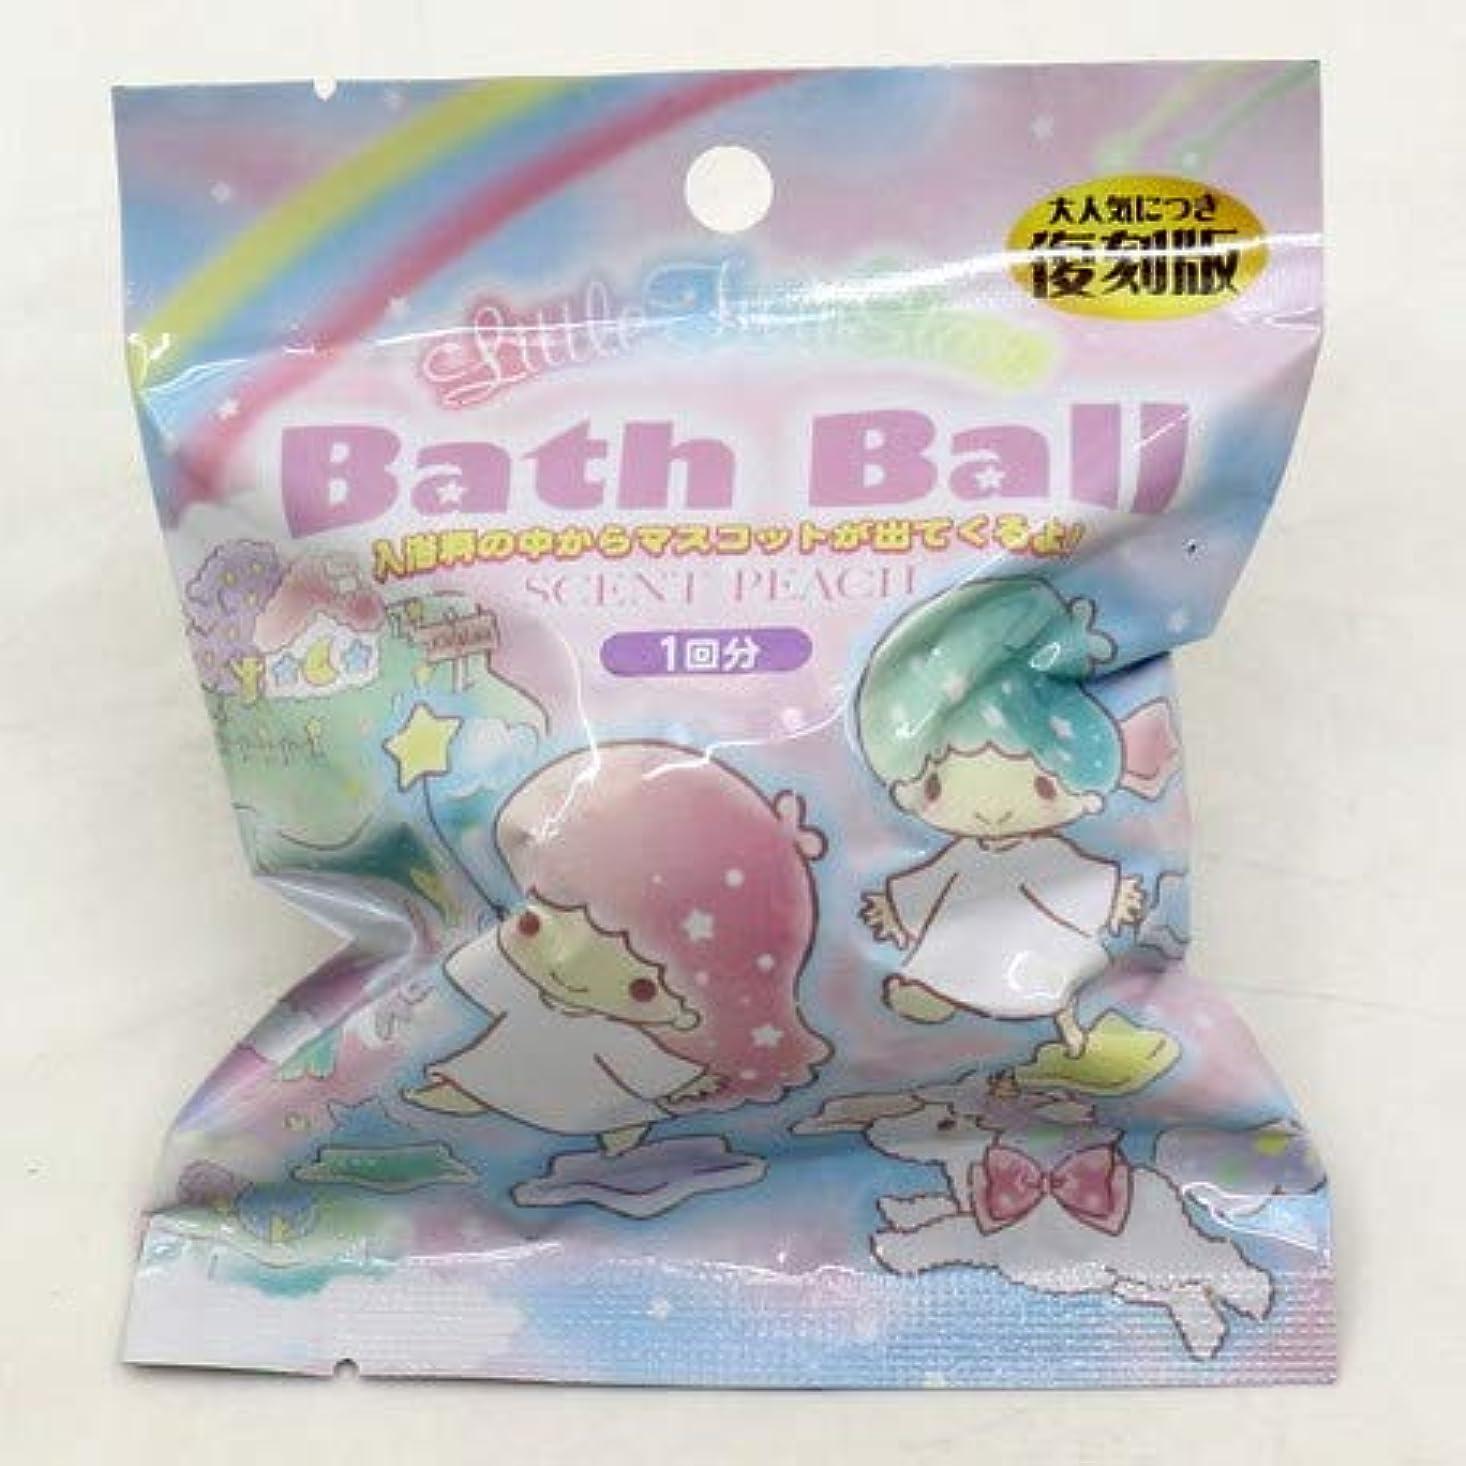 発音同化ロードハウスリトルツインスターズ バスボール 入浴剤 ピーチの香り 6個1セット サンリオ